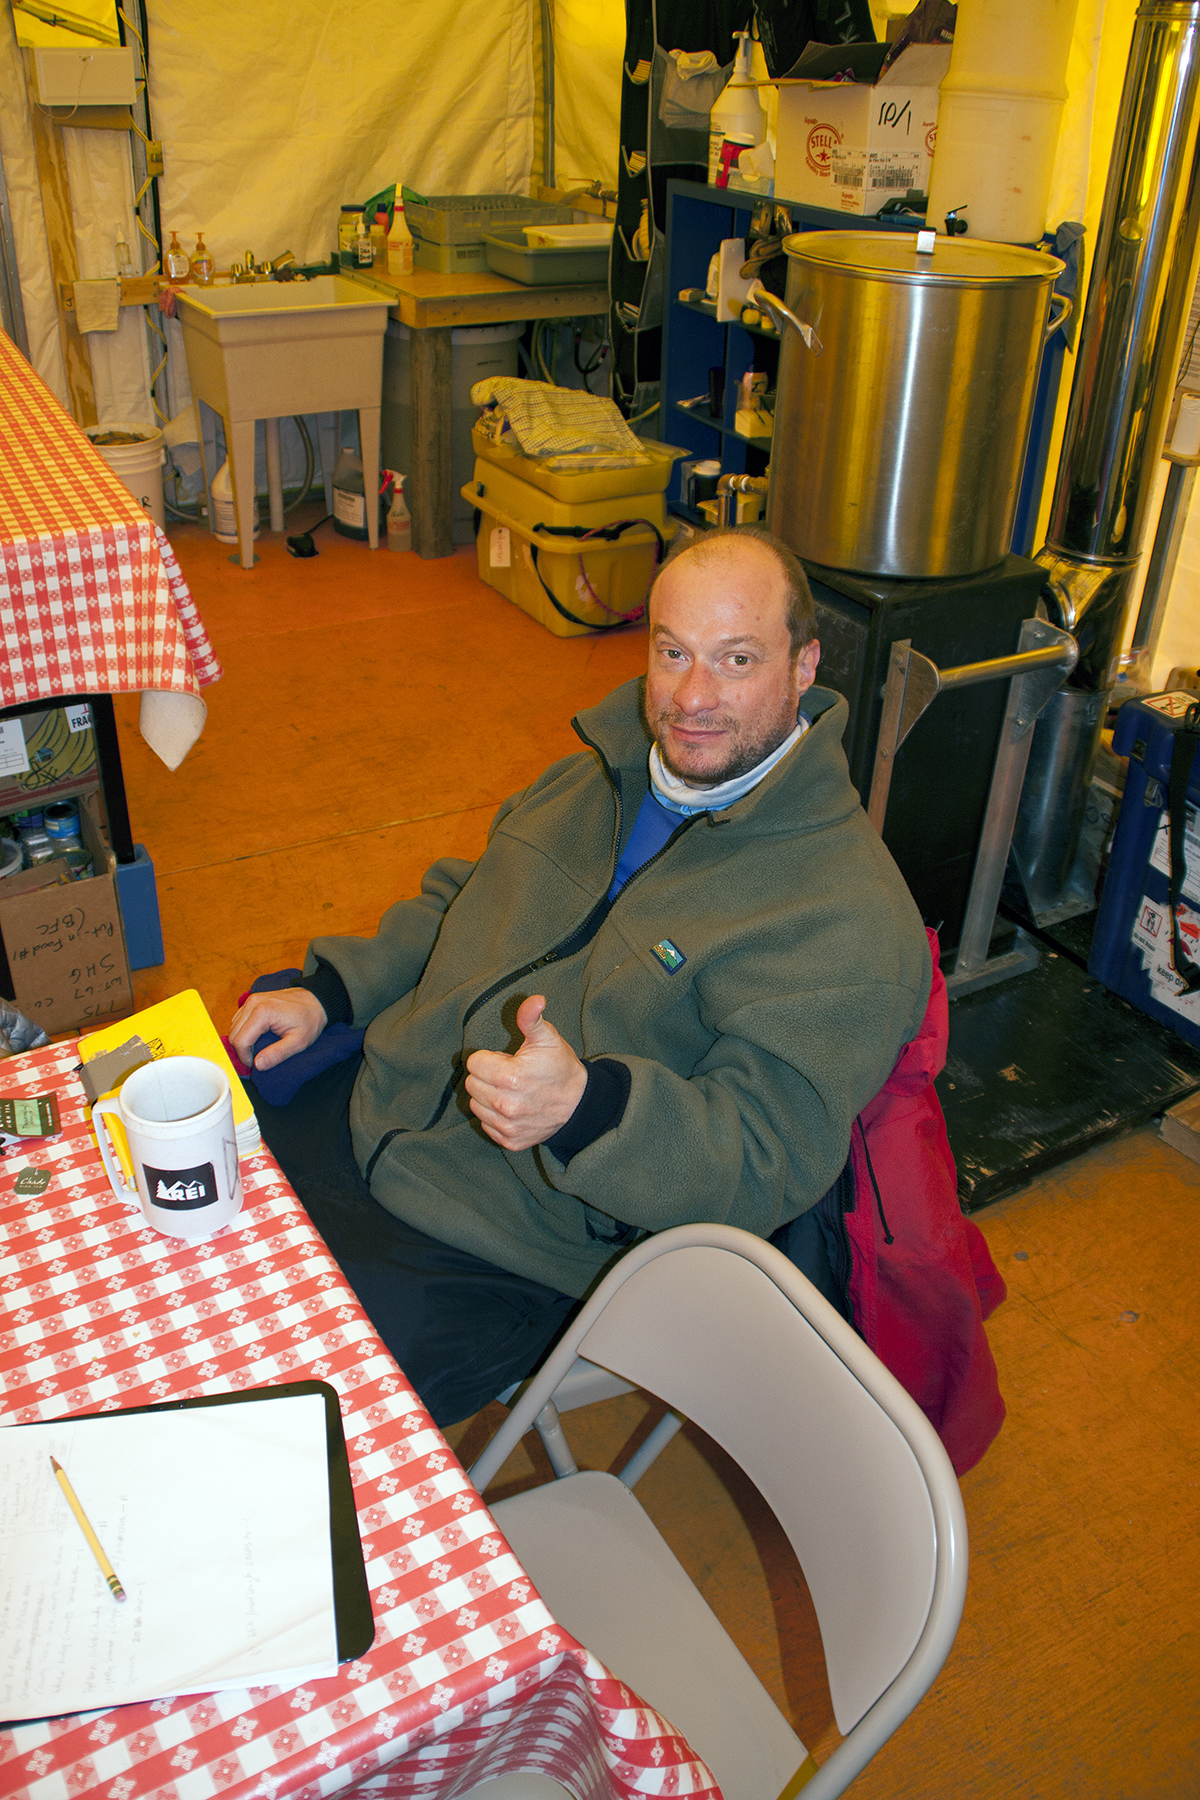 Mike, waiting at Shackleton